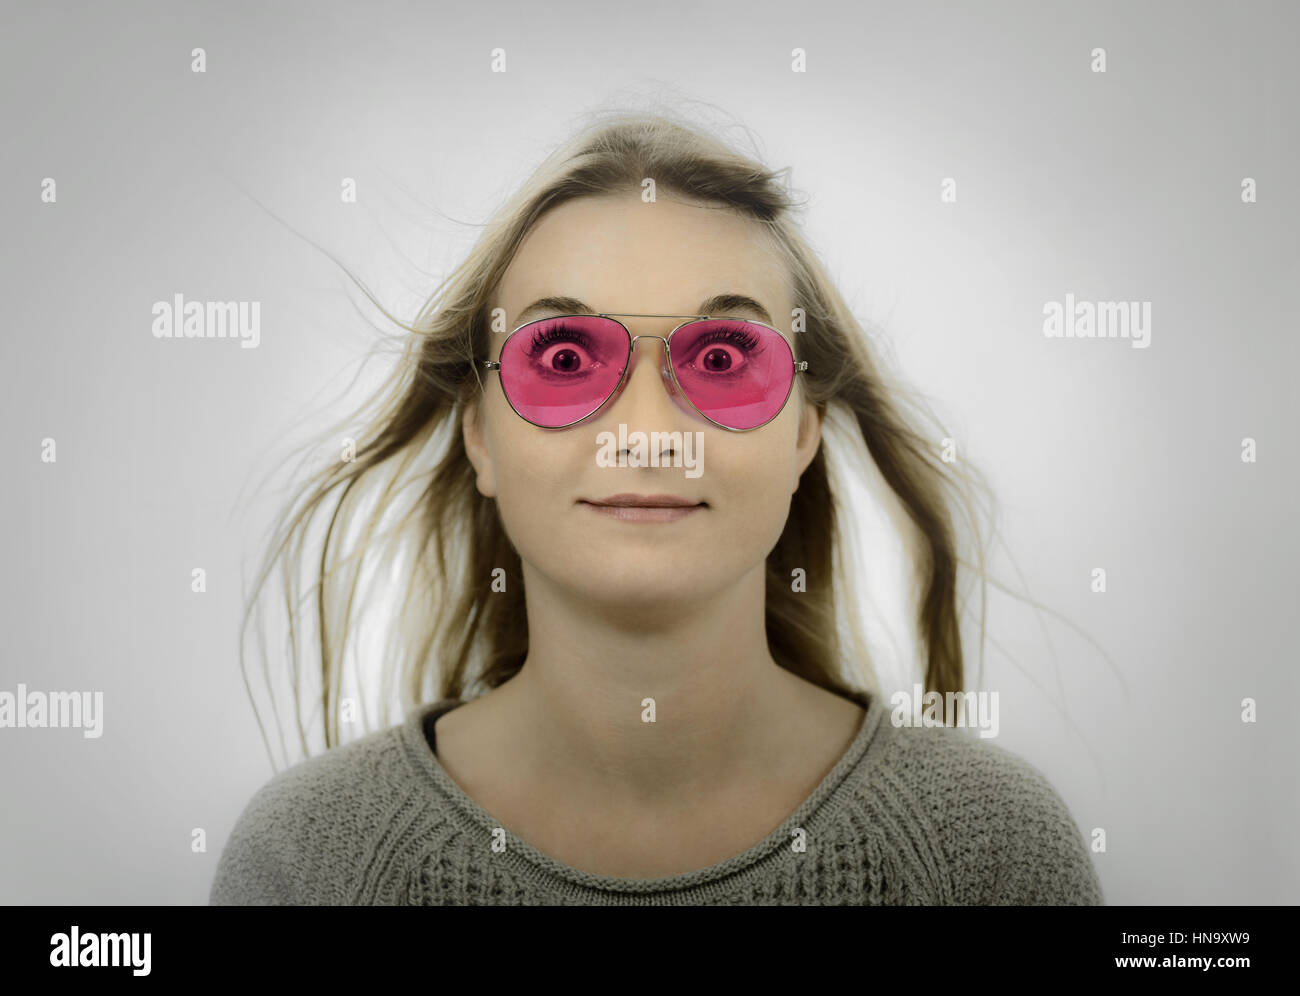 Femme portant des lunettes teintées de rose Banque D Images, Photo ... a28229baf50e